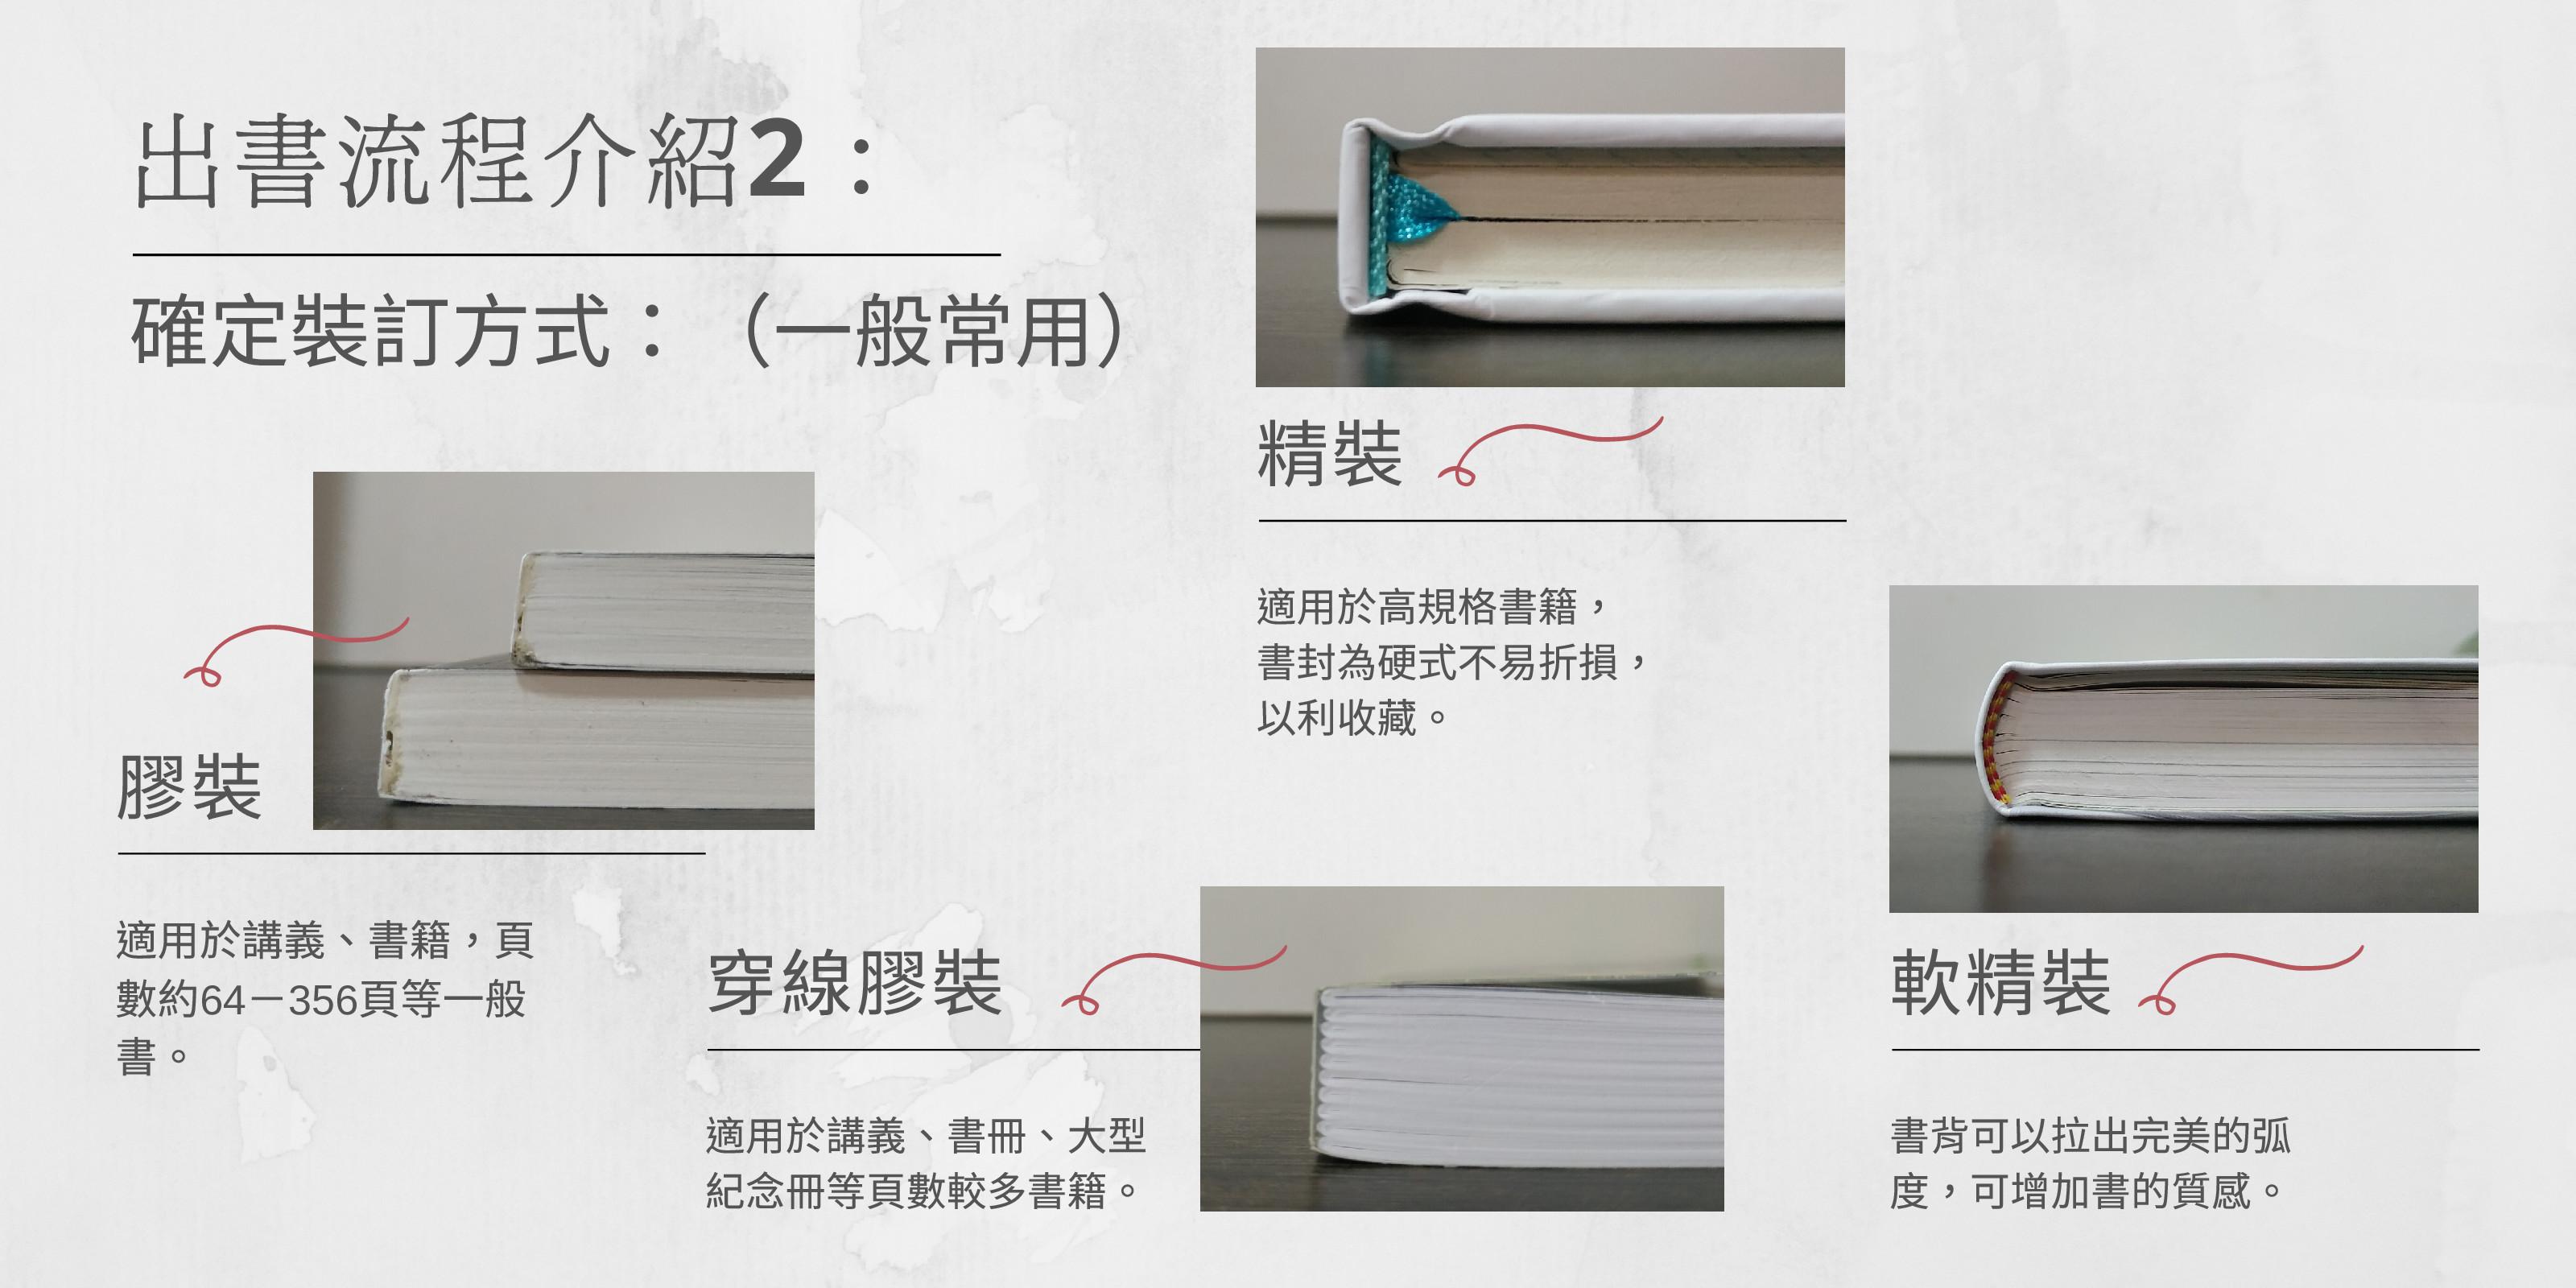 這一次,讓我們來賣你的書 為你打造專屬出書計畫_008.jpg